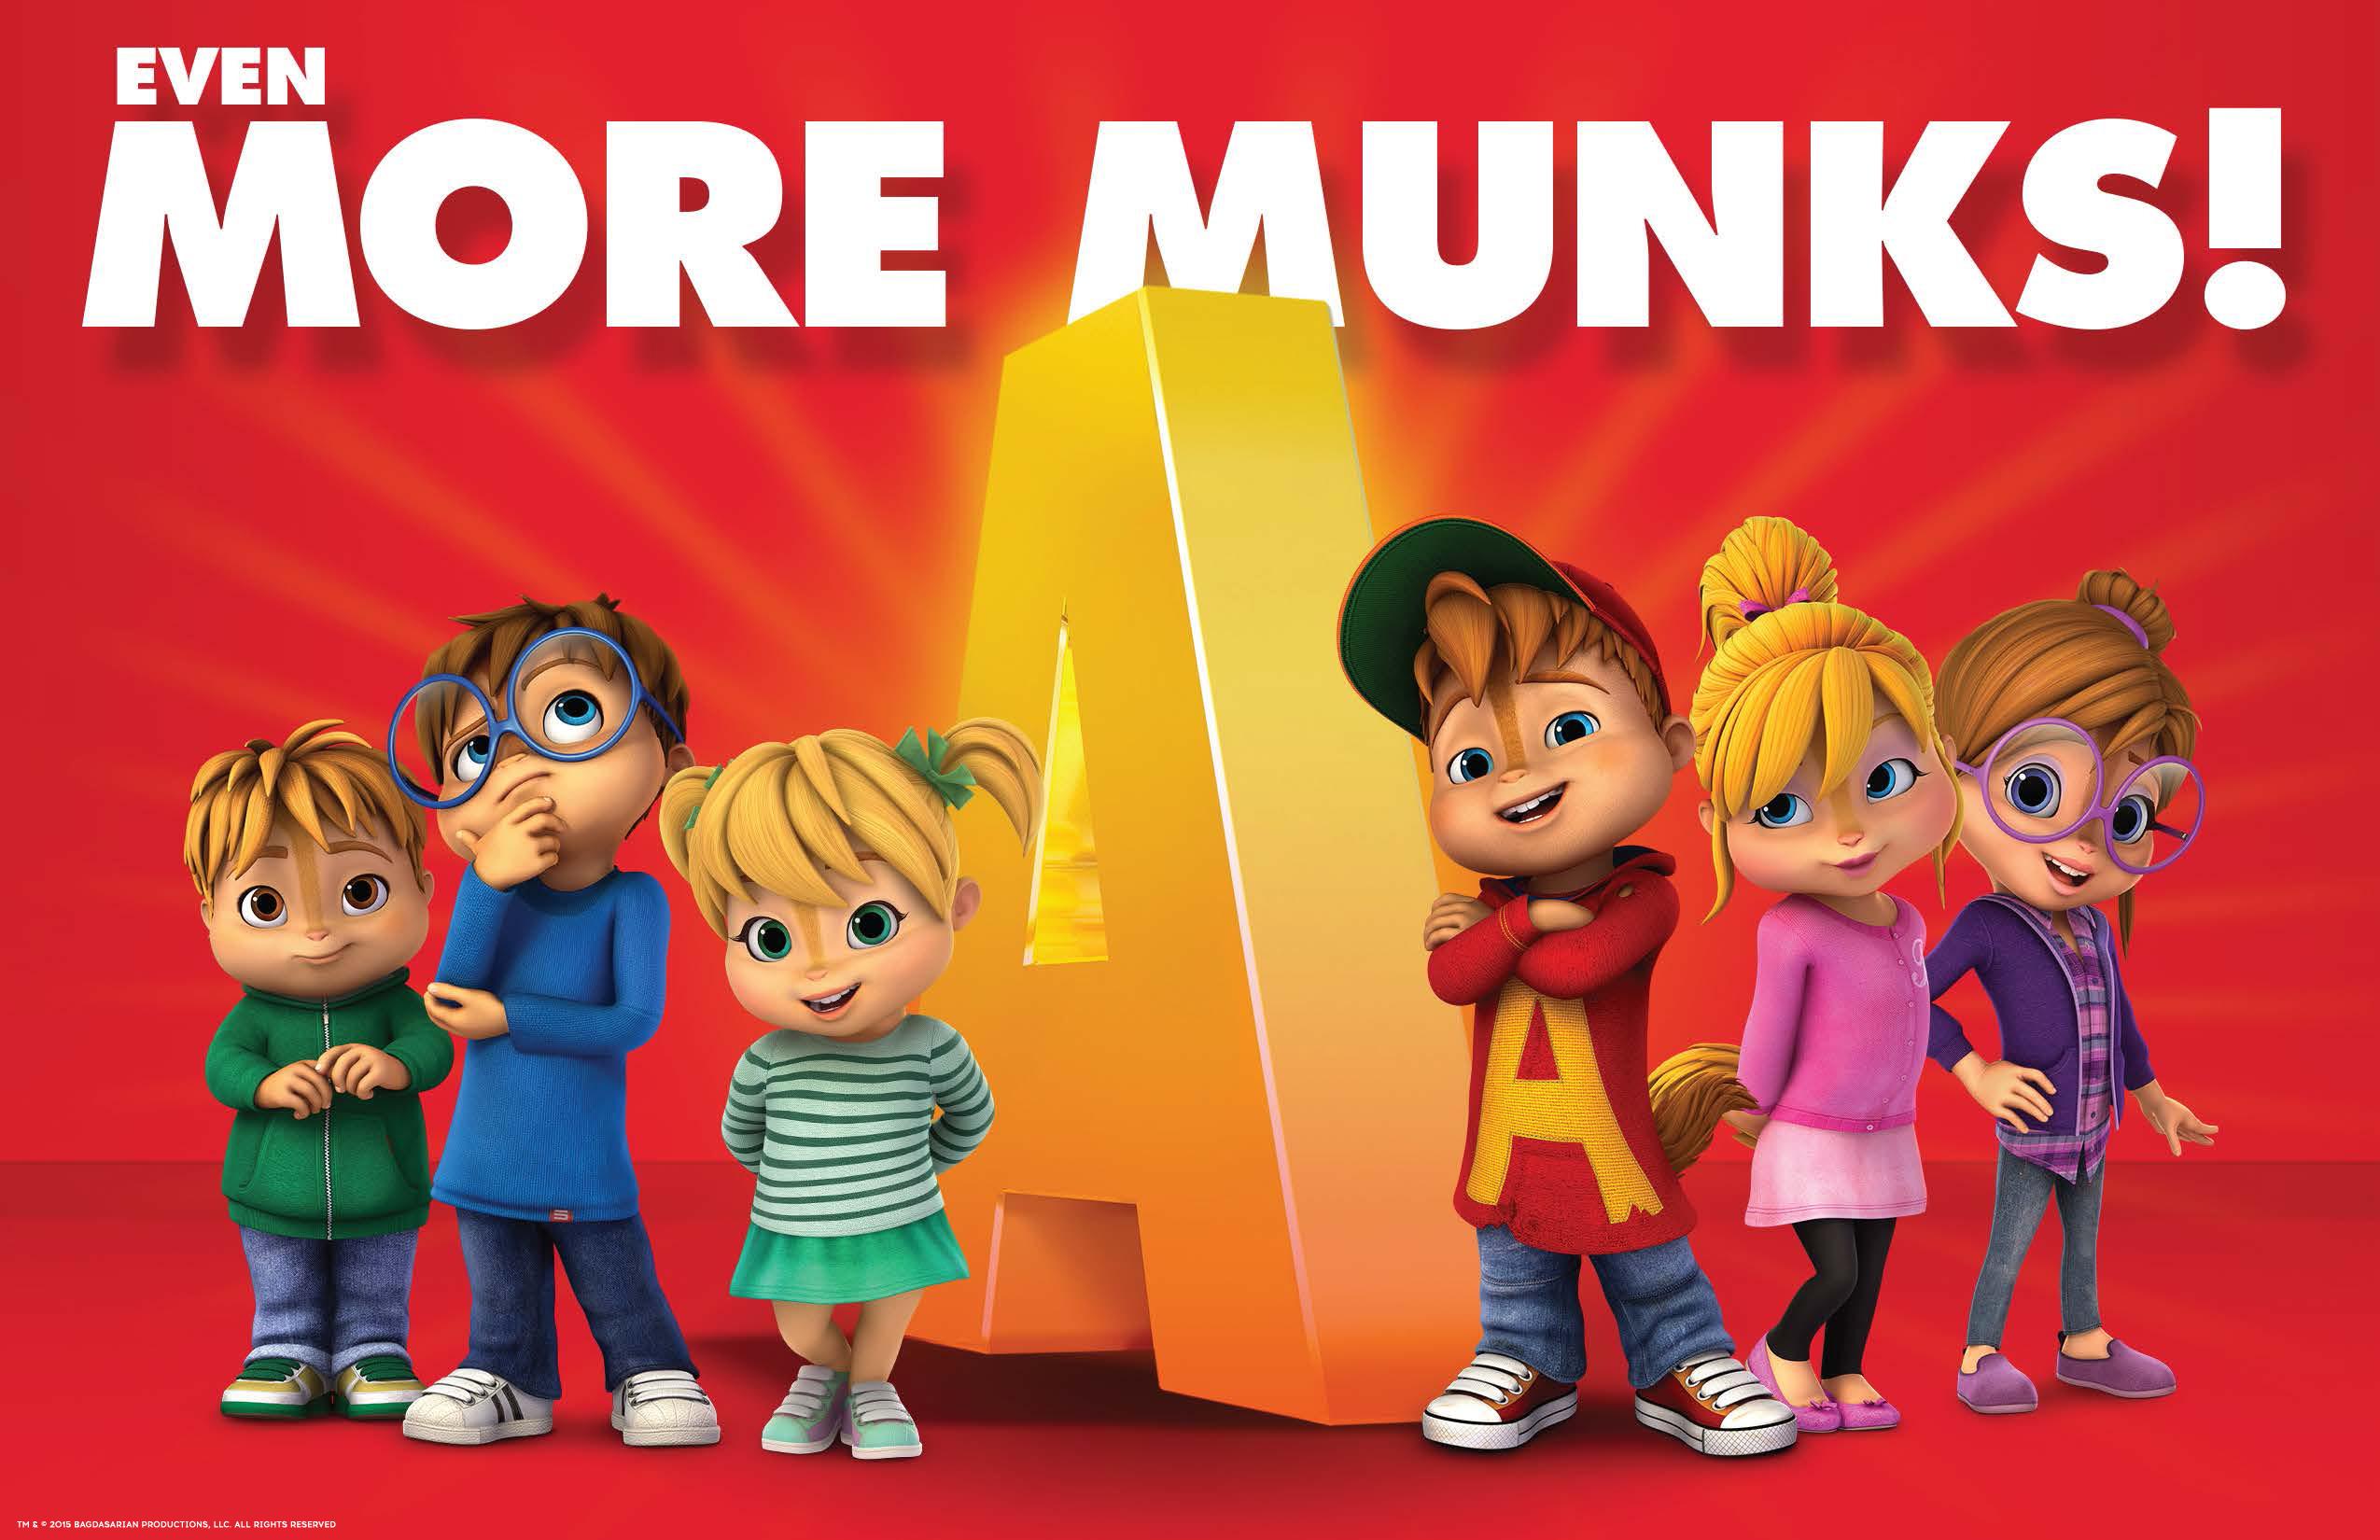 Chipmunks